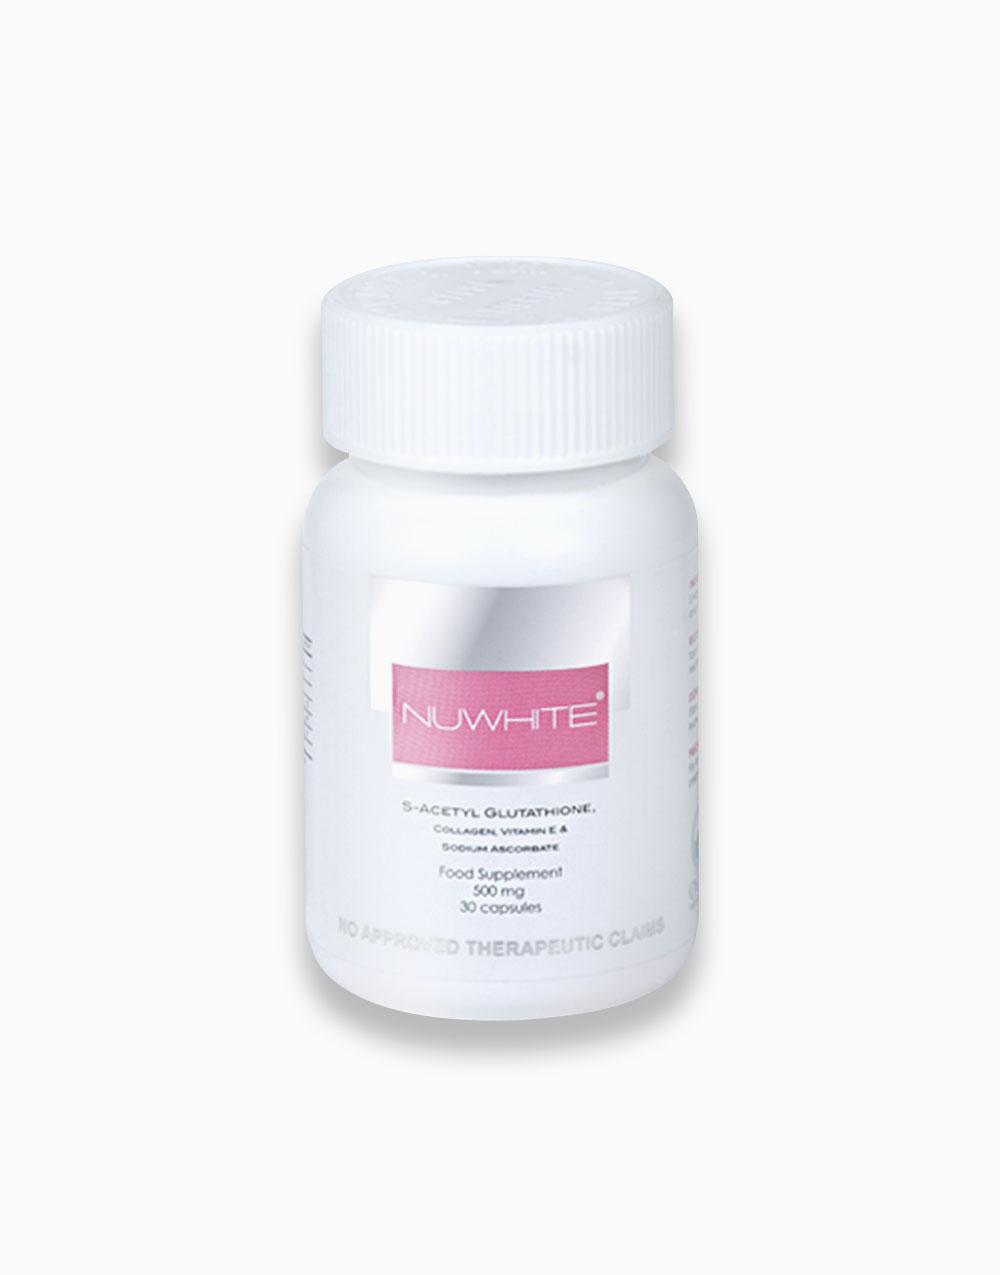 NuWhite S-Acetyl Glutathione, Collagen, Vitamin E & Sodium Ascorbate by NuWhite